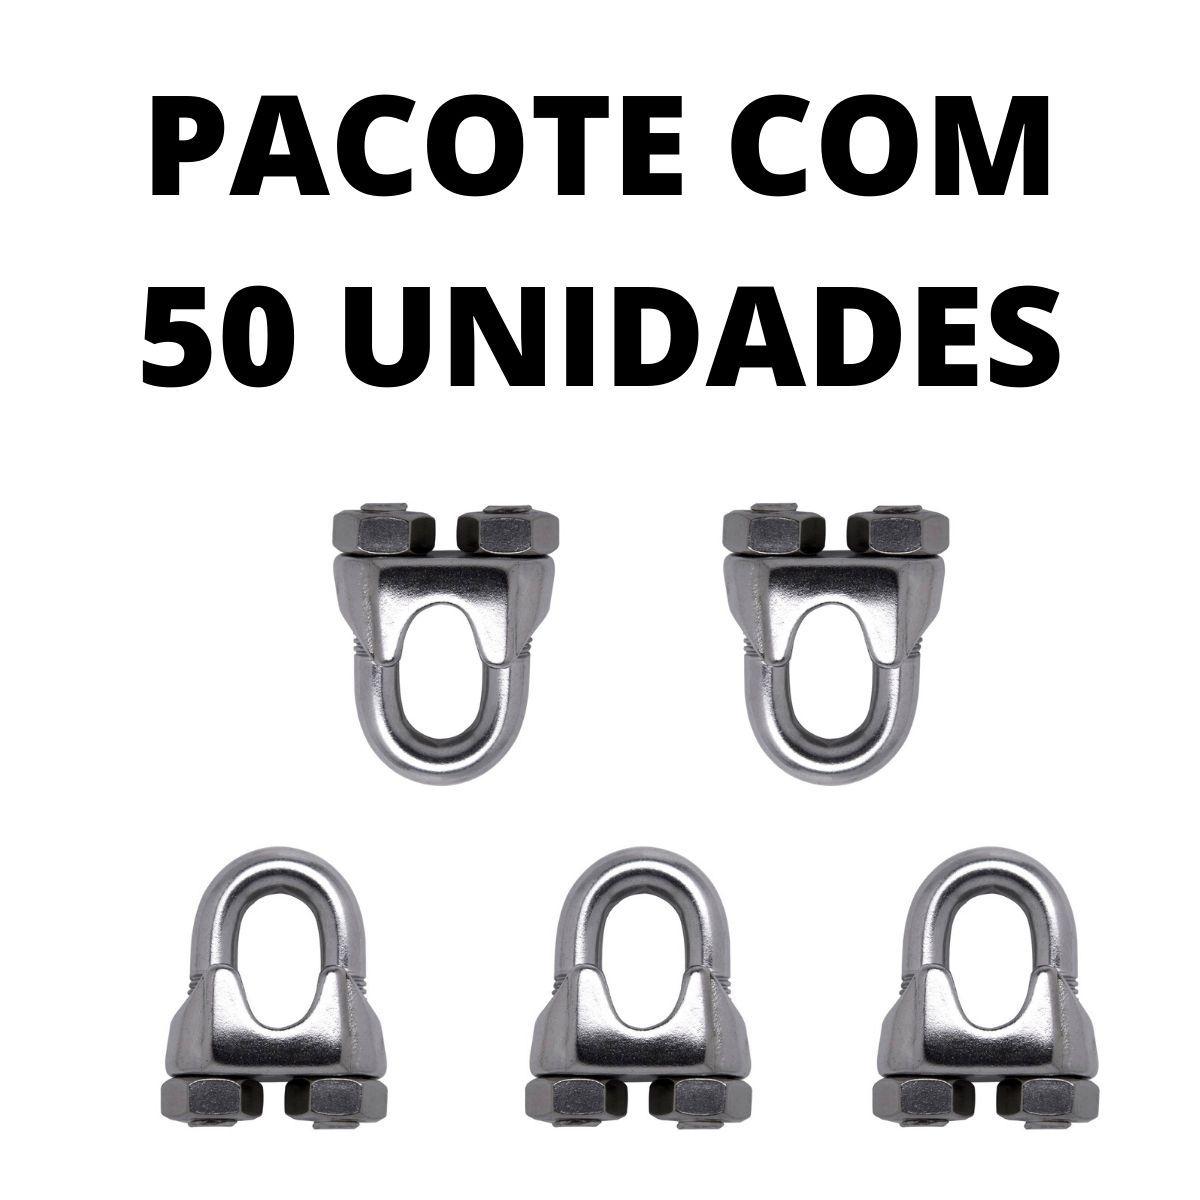 CLIPS PARA CABO DE AÇO CERCA ELÉTRICA COM 50 UNIDADES